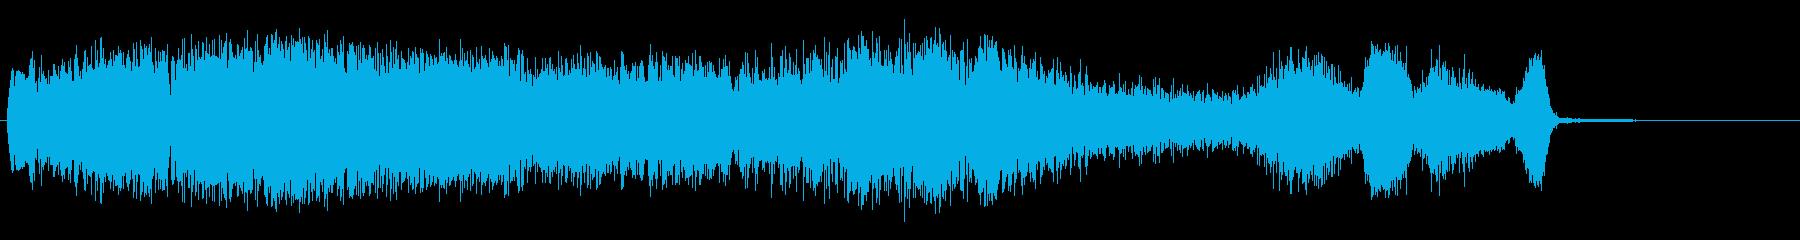 ウインドアウトの再生済みの波形